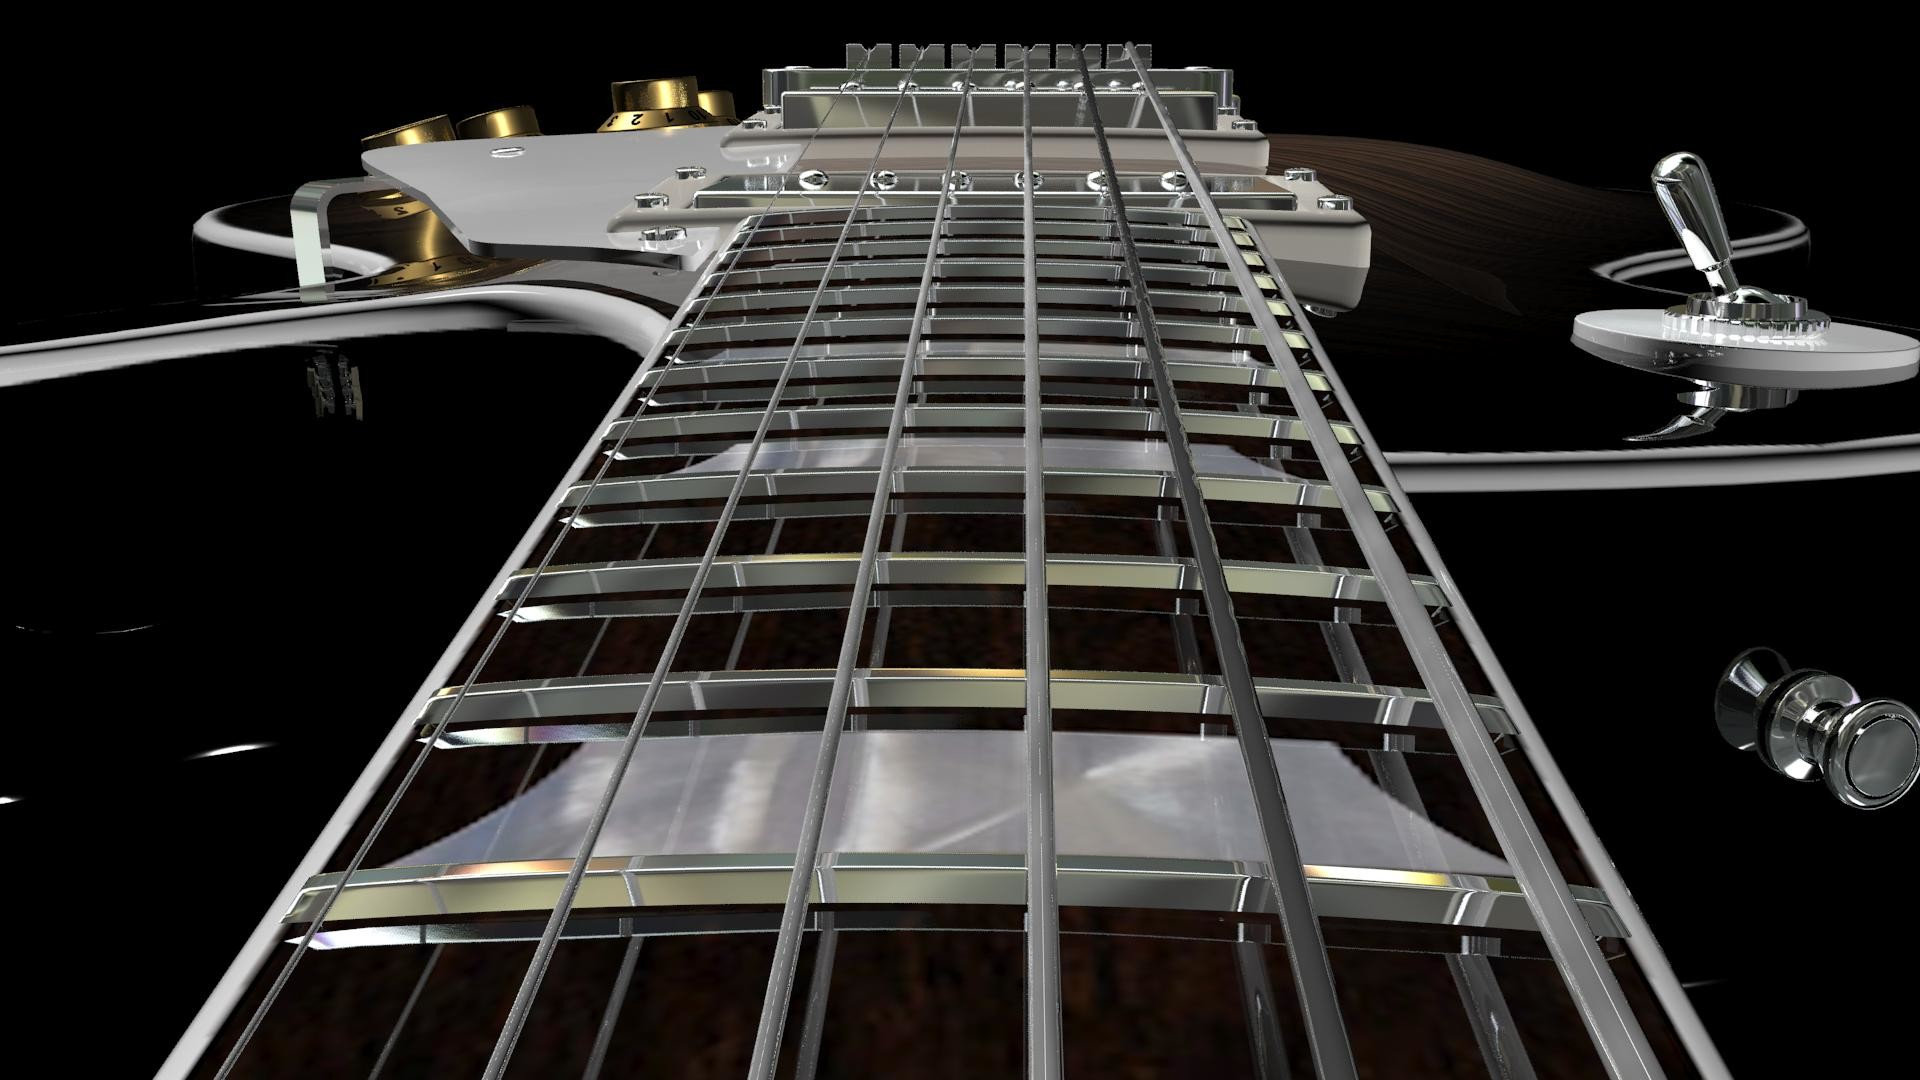 Les Paul Guitar Wallpaper 1